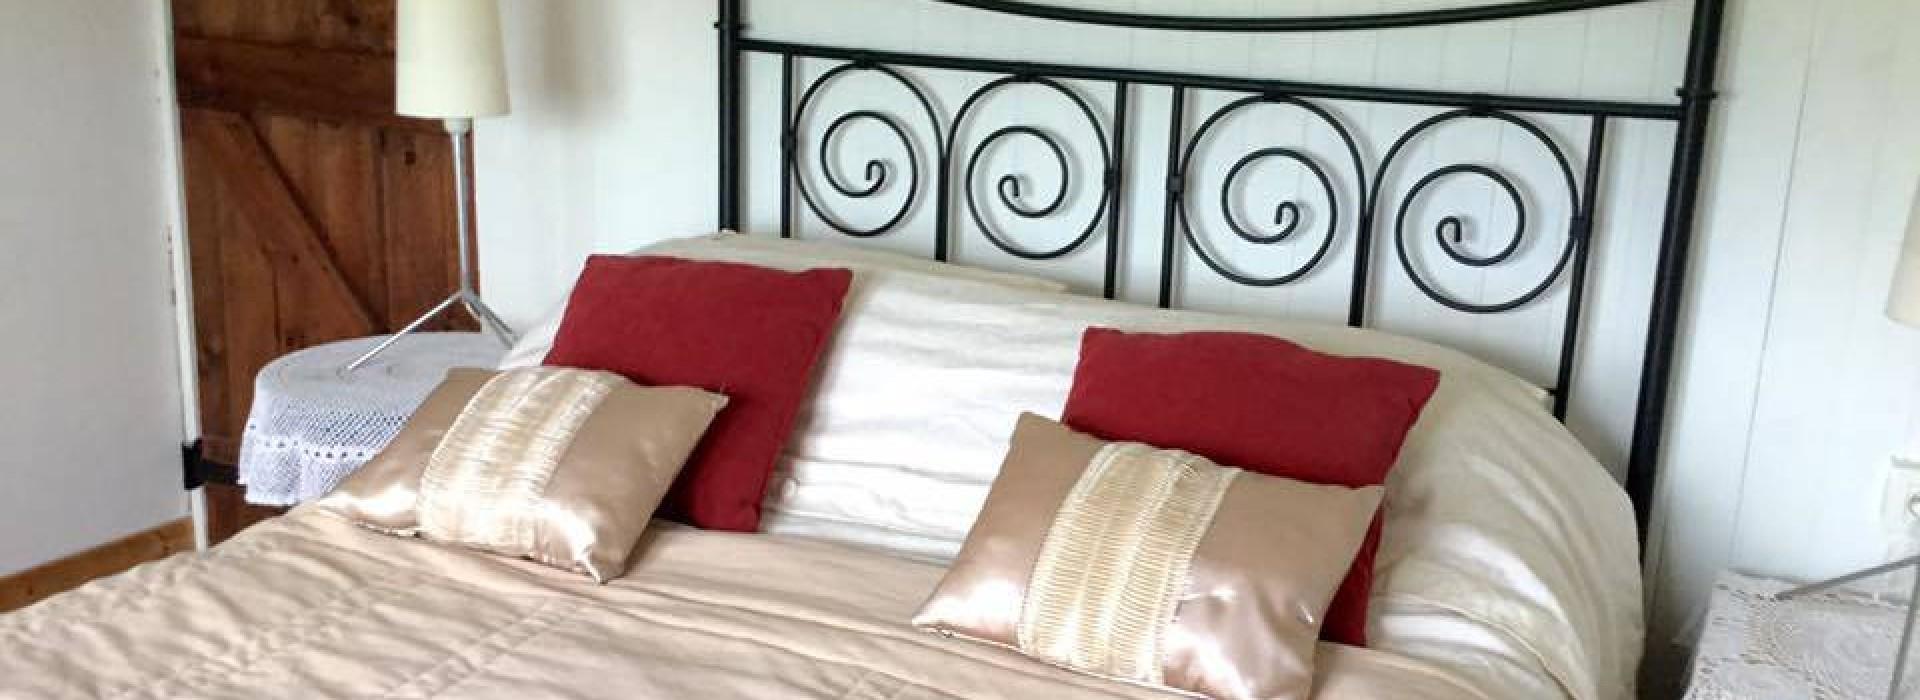 CHAMBRE D'HOTES BIKER FRIENDLY - N1: Chambres d'Hôtes en Pays de la on